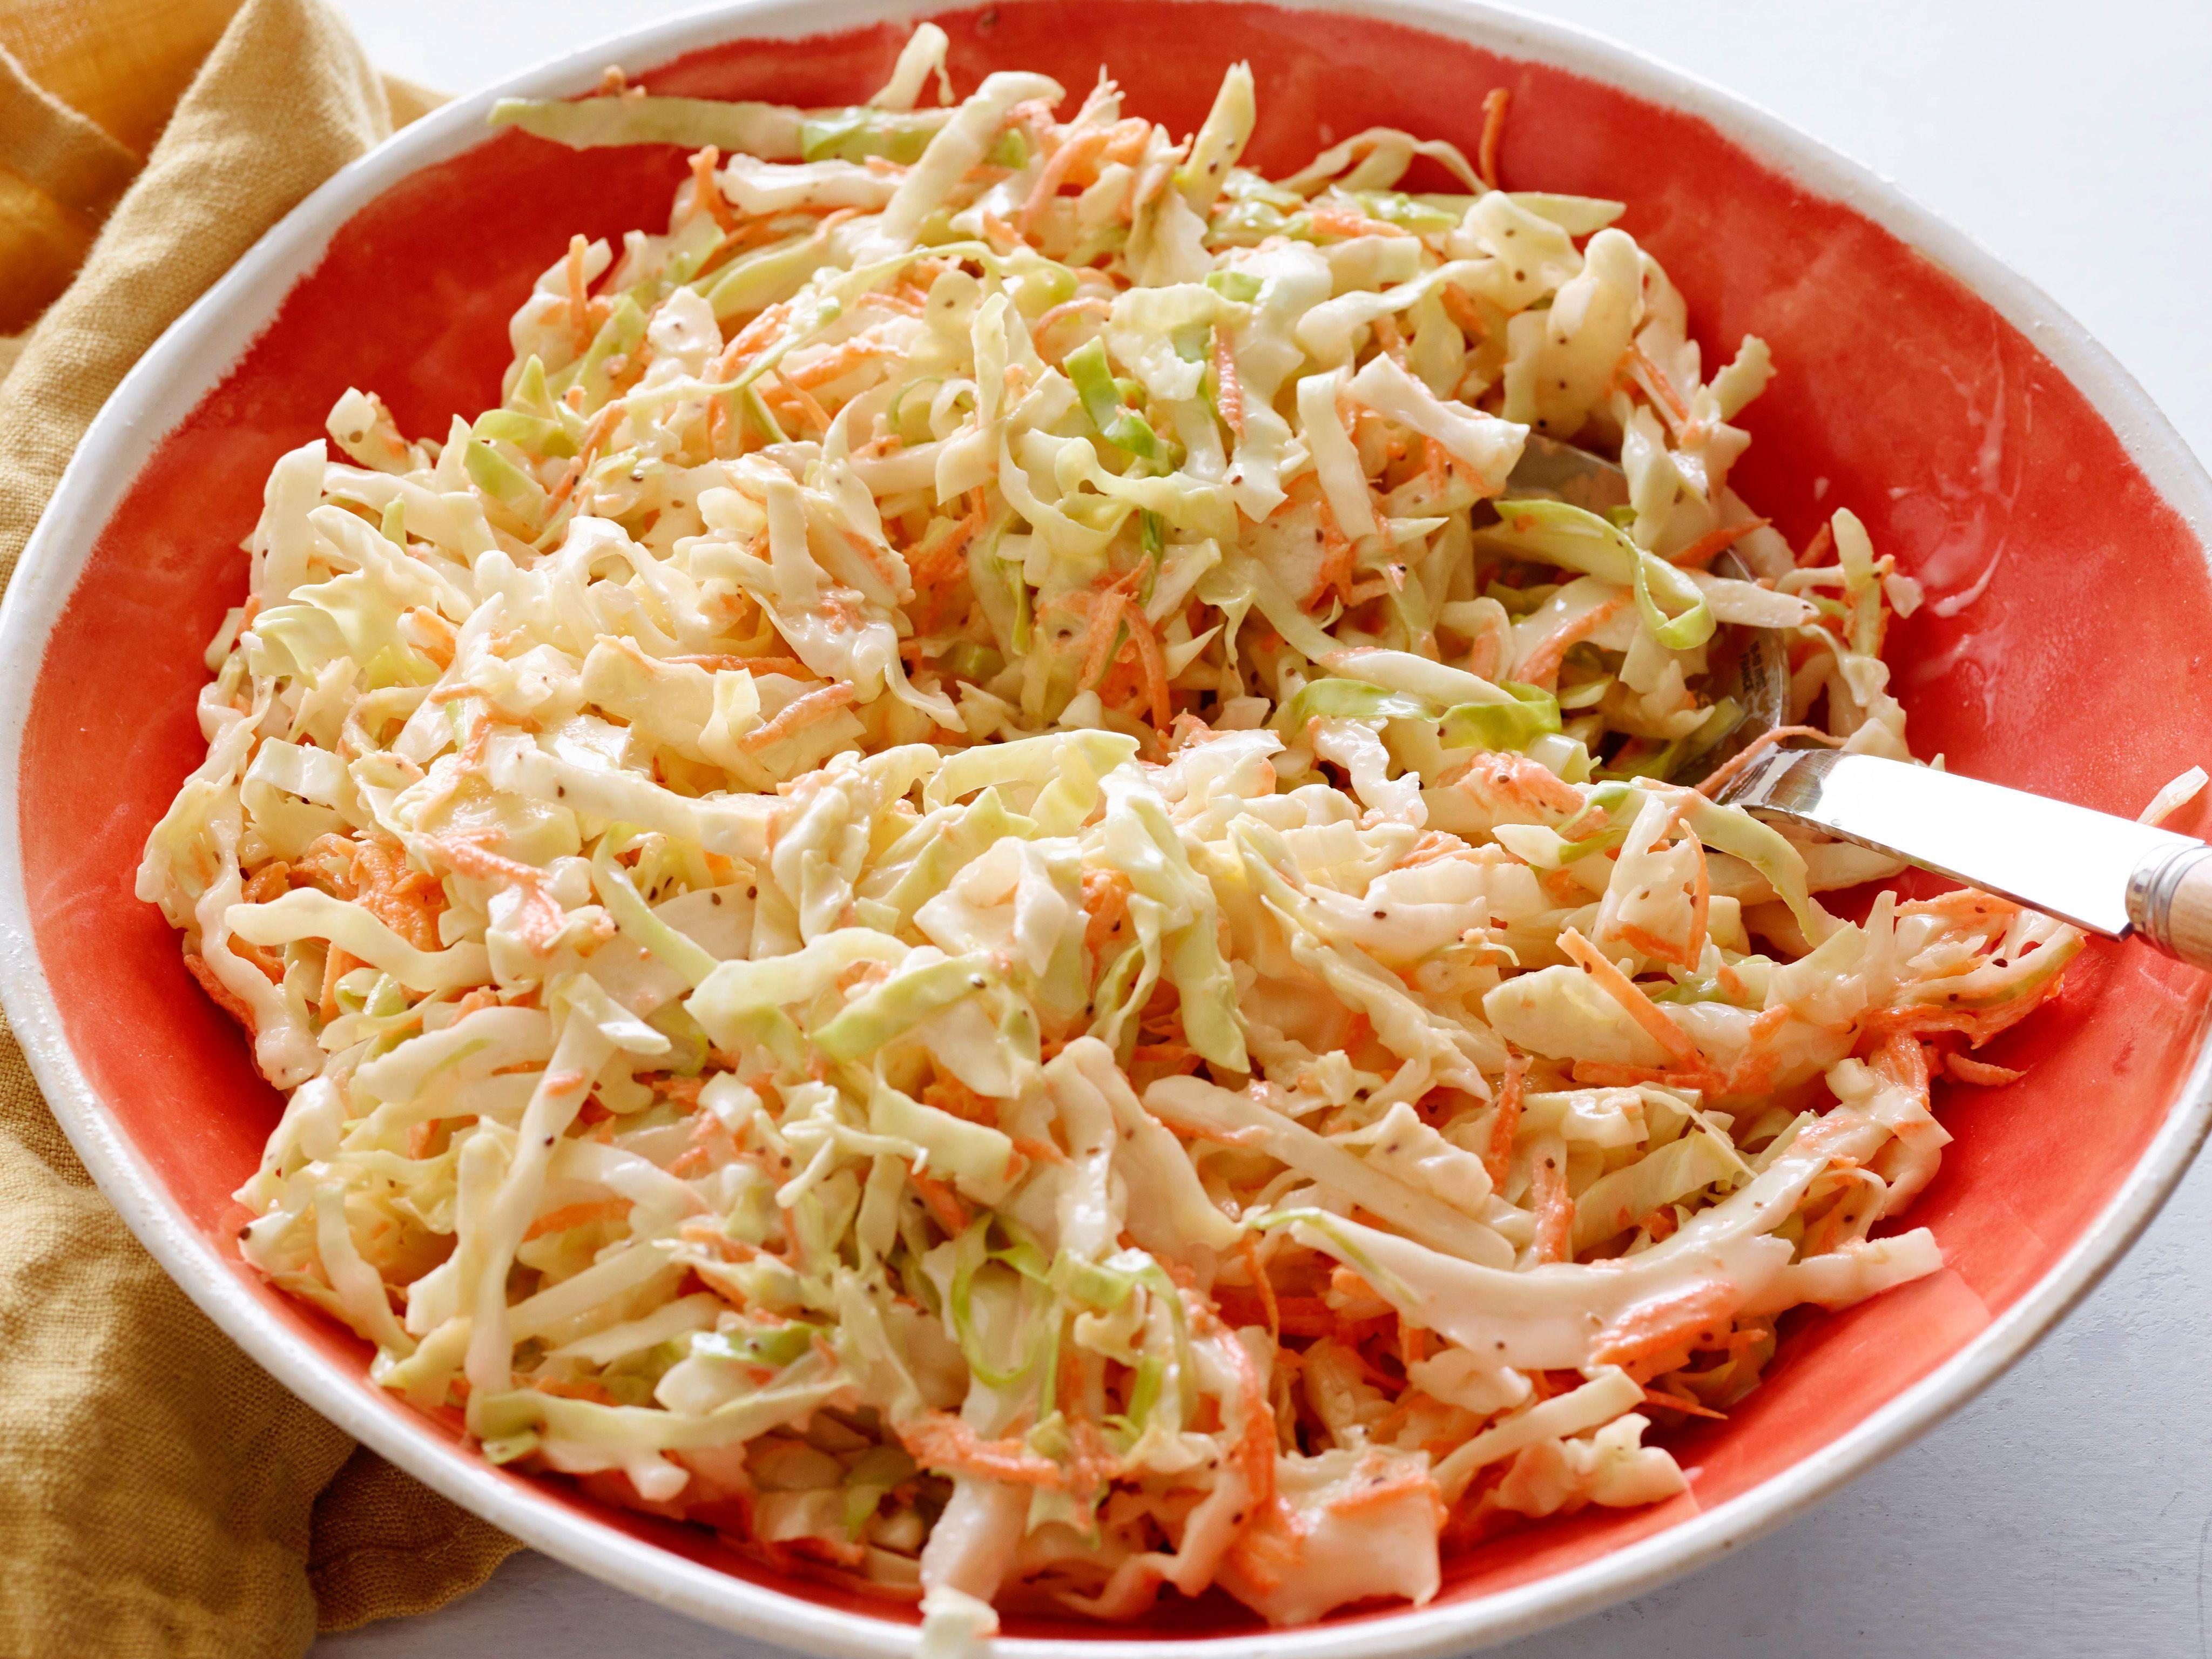 Best Foods Coleslaw Recipe